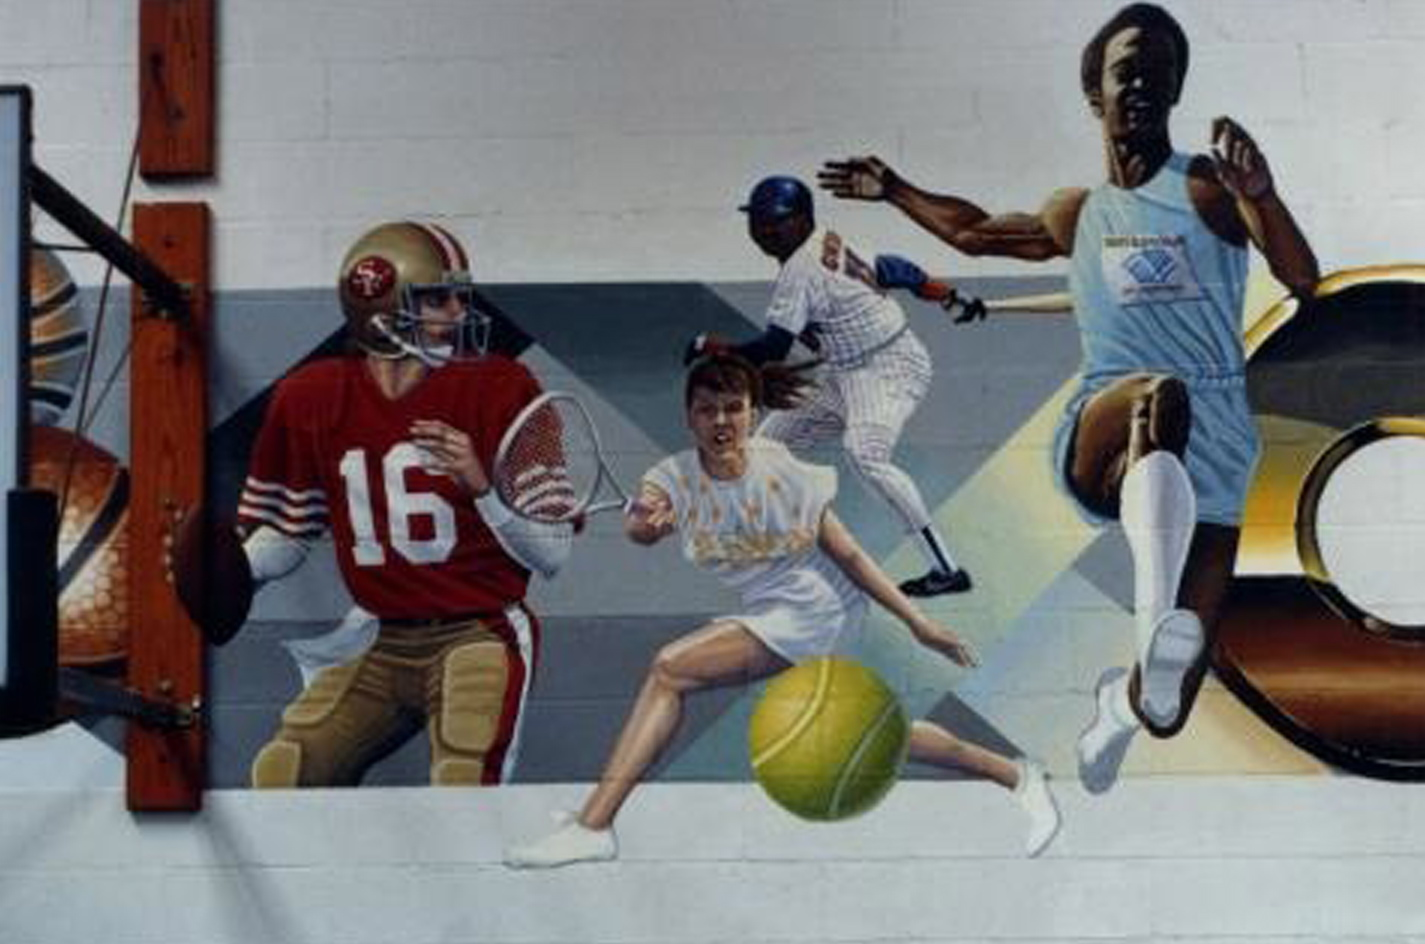 OBGC (gymnasium mural)